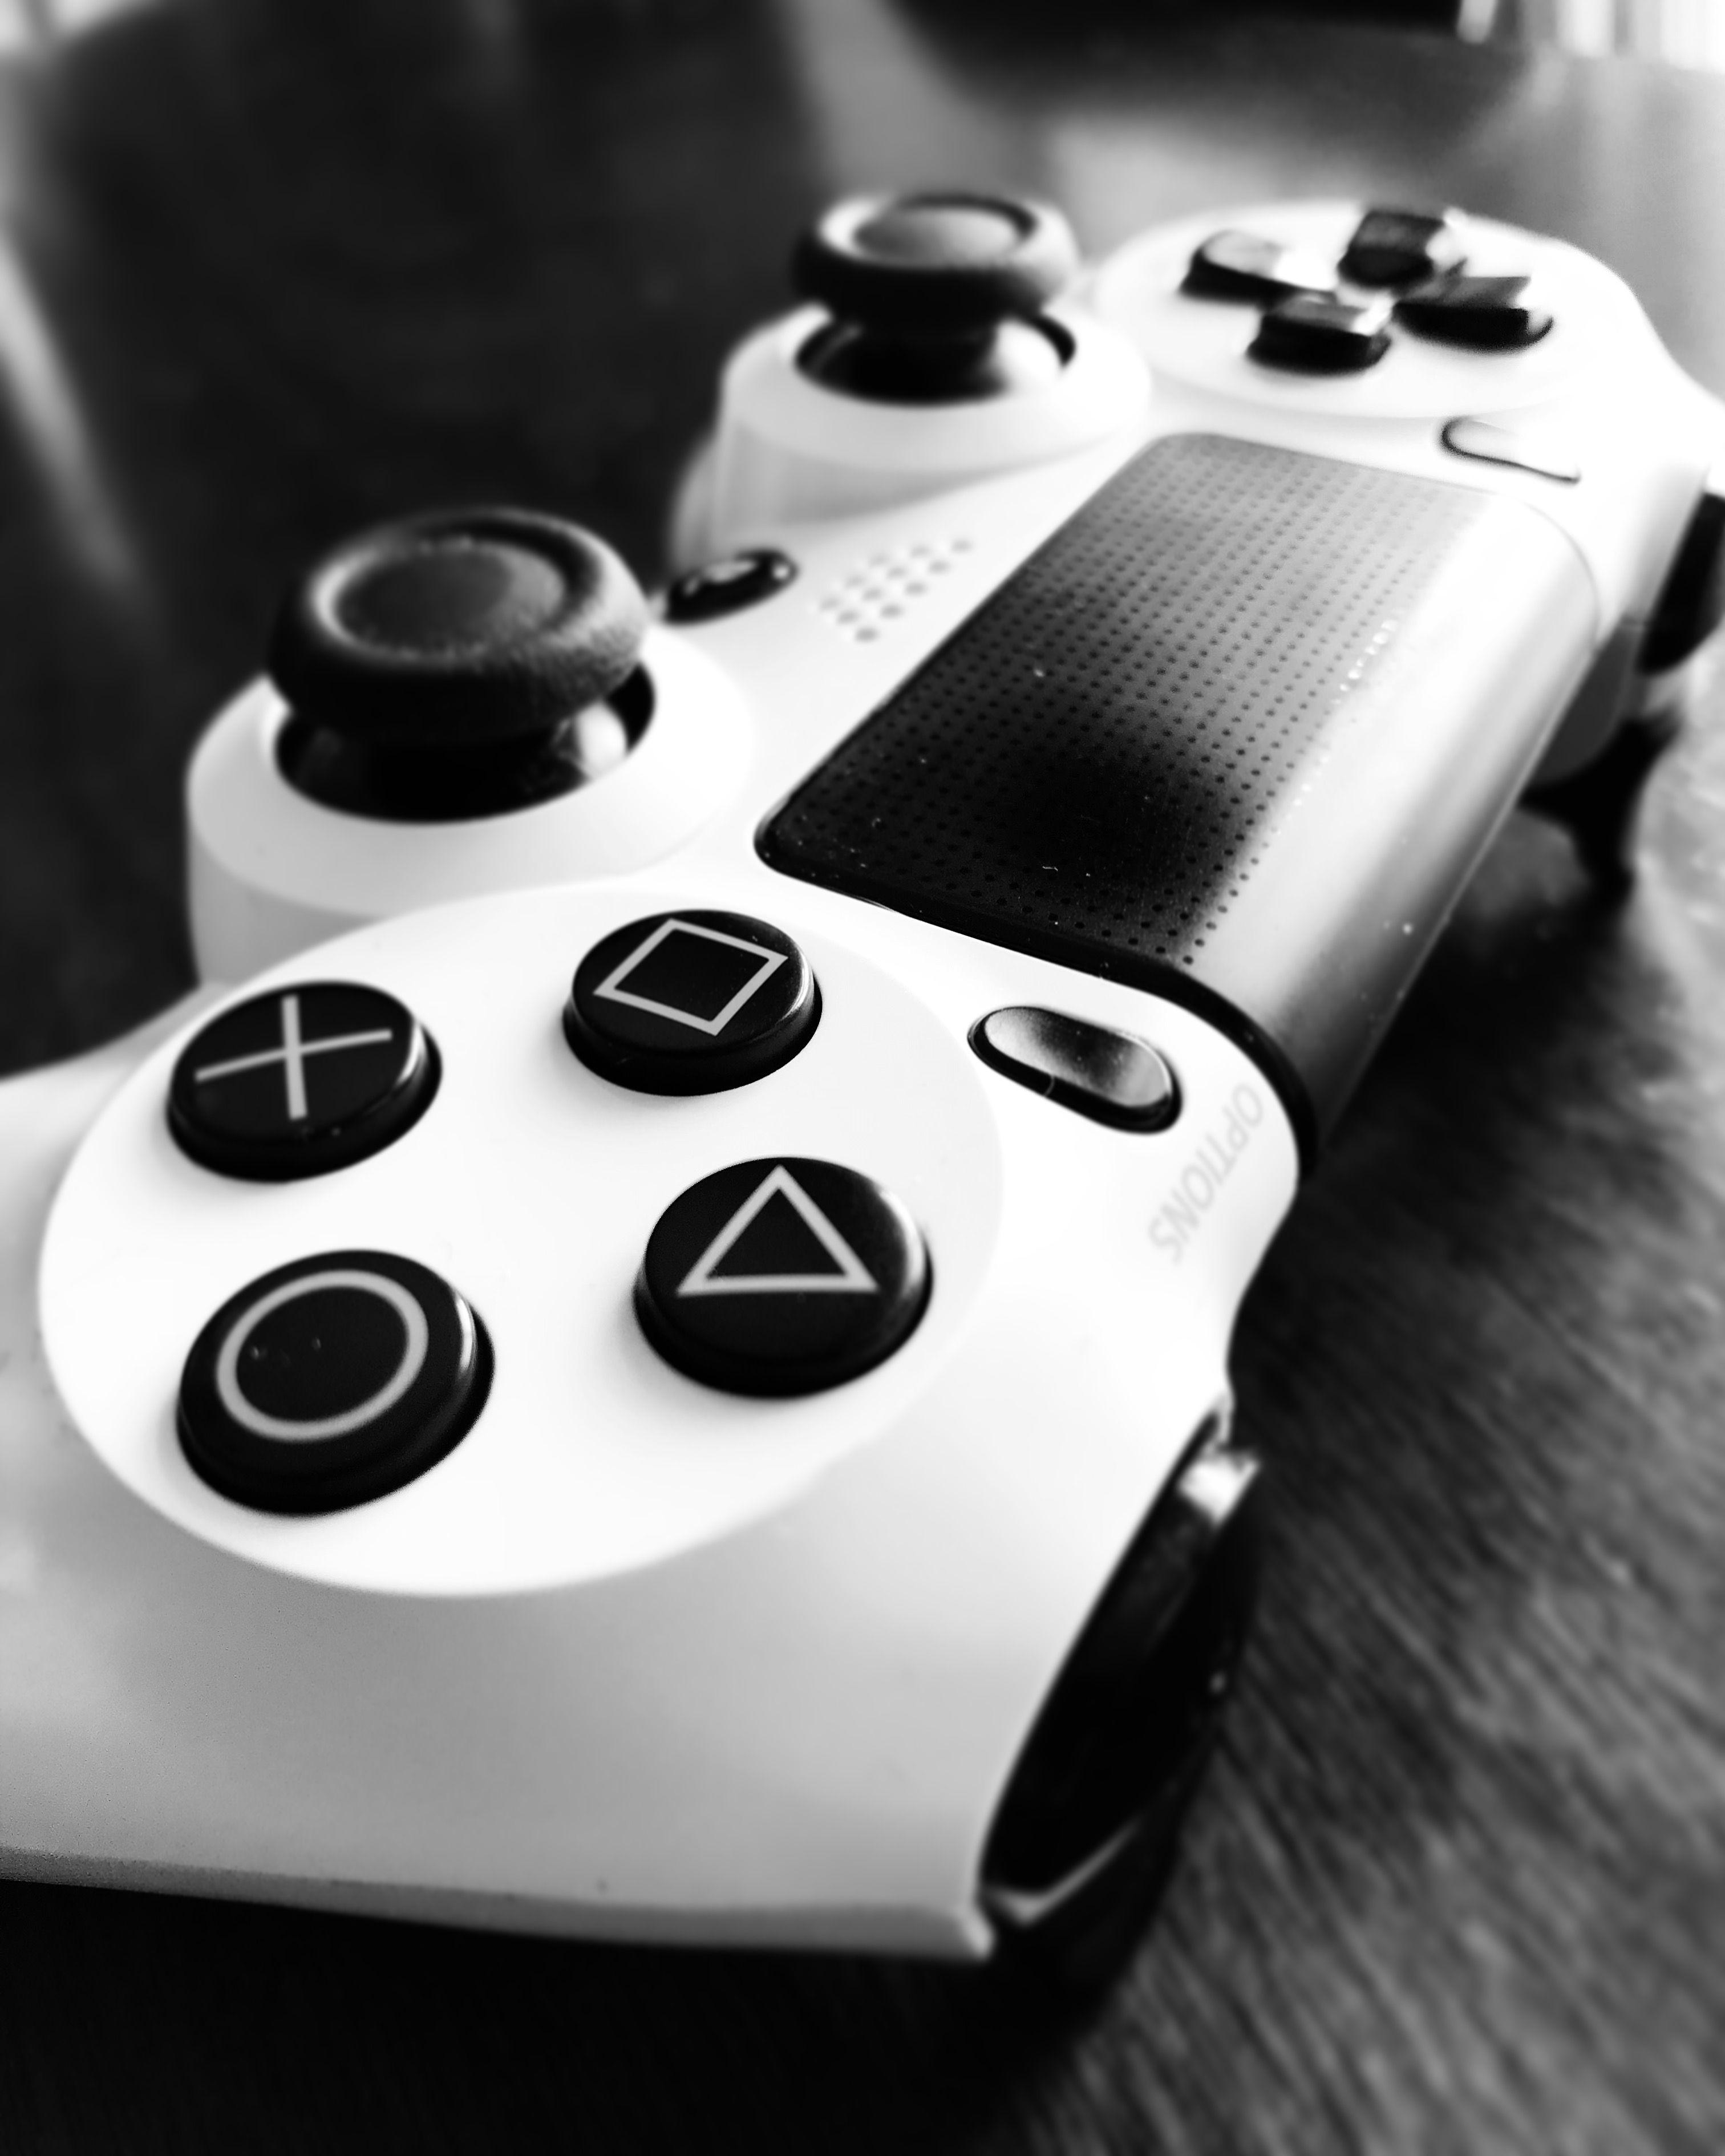 Обои dualshock, ps4, console, Gamepad. HI-Tech foto 19